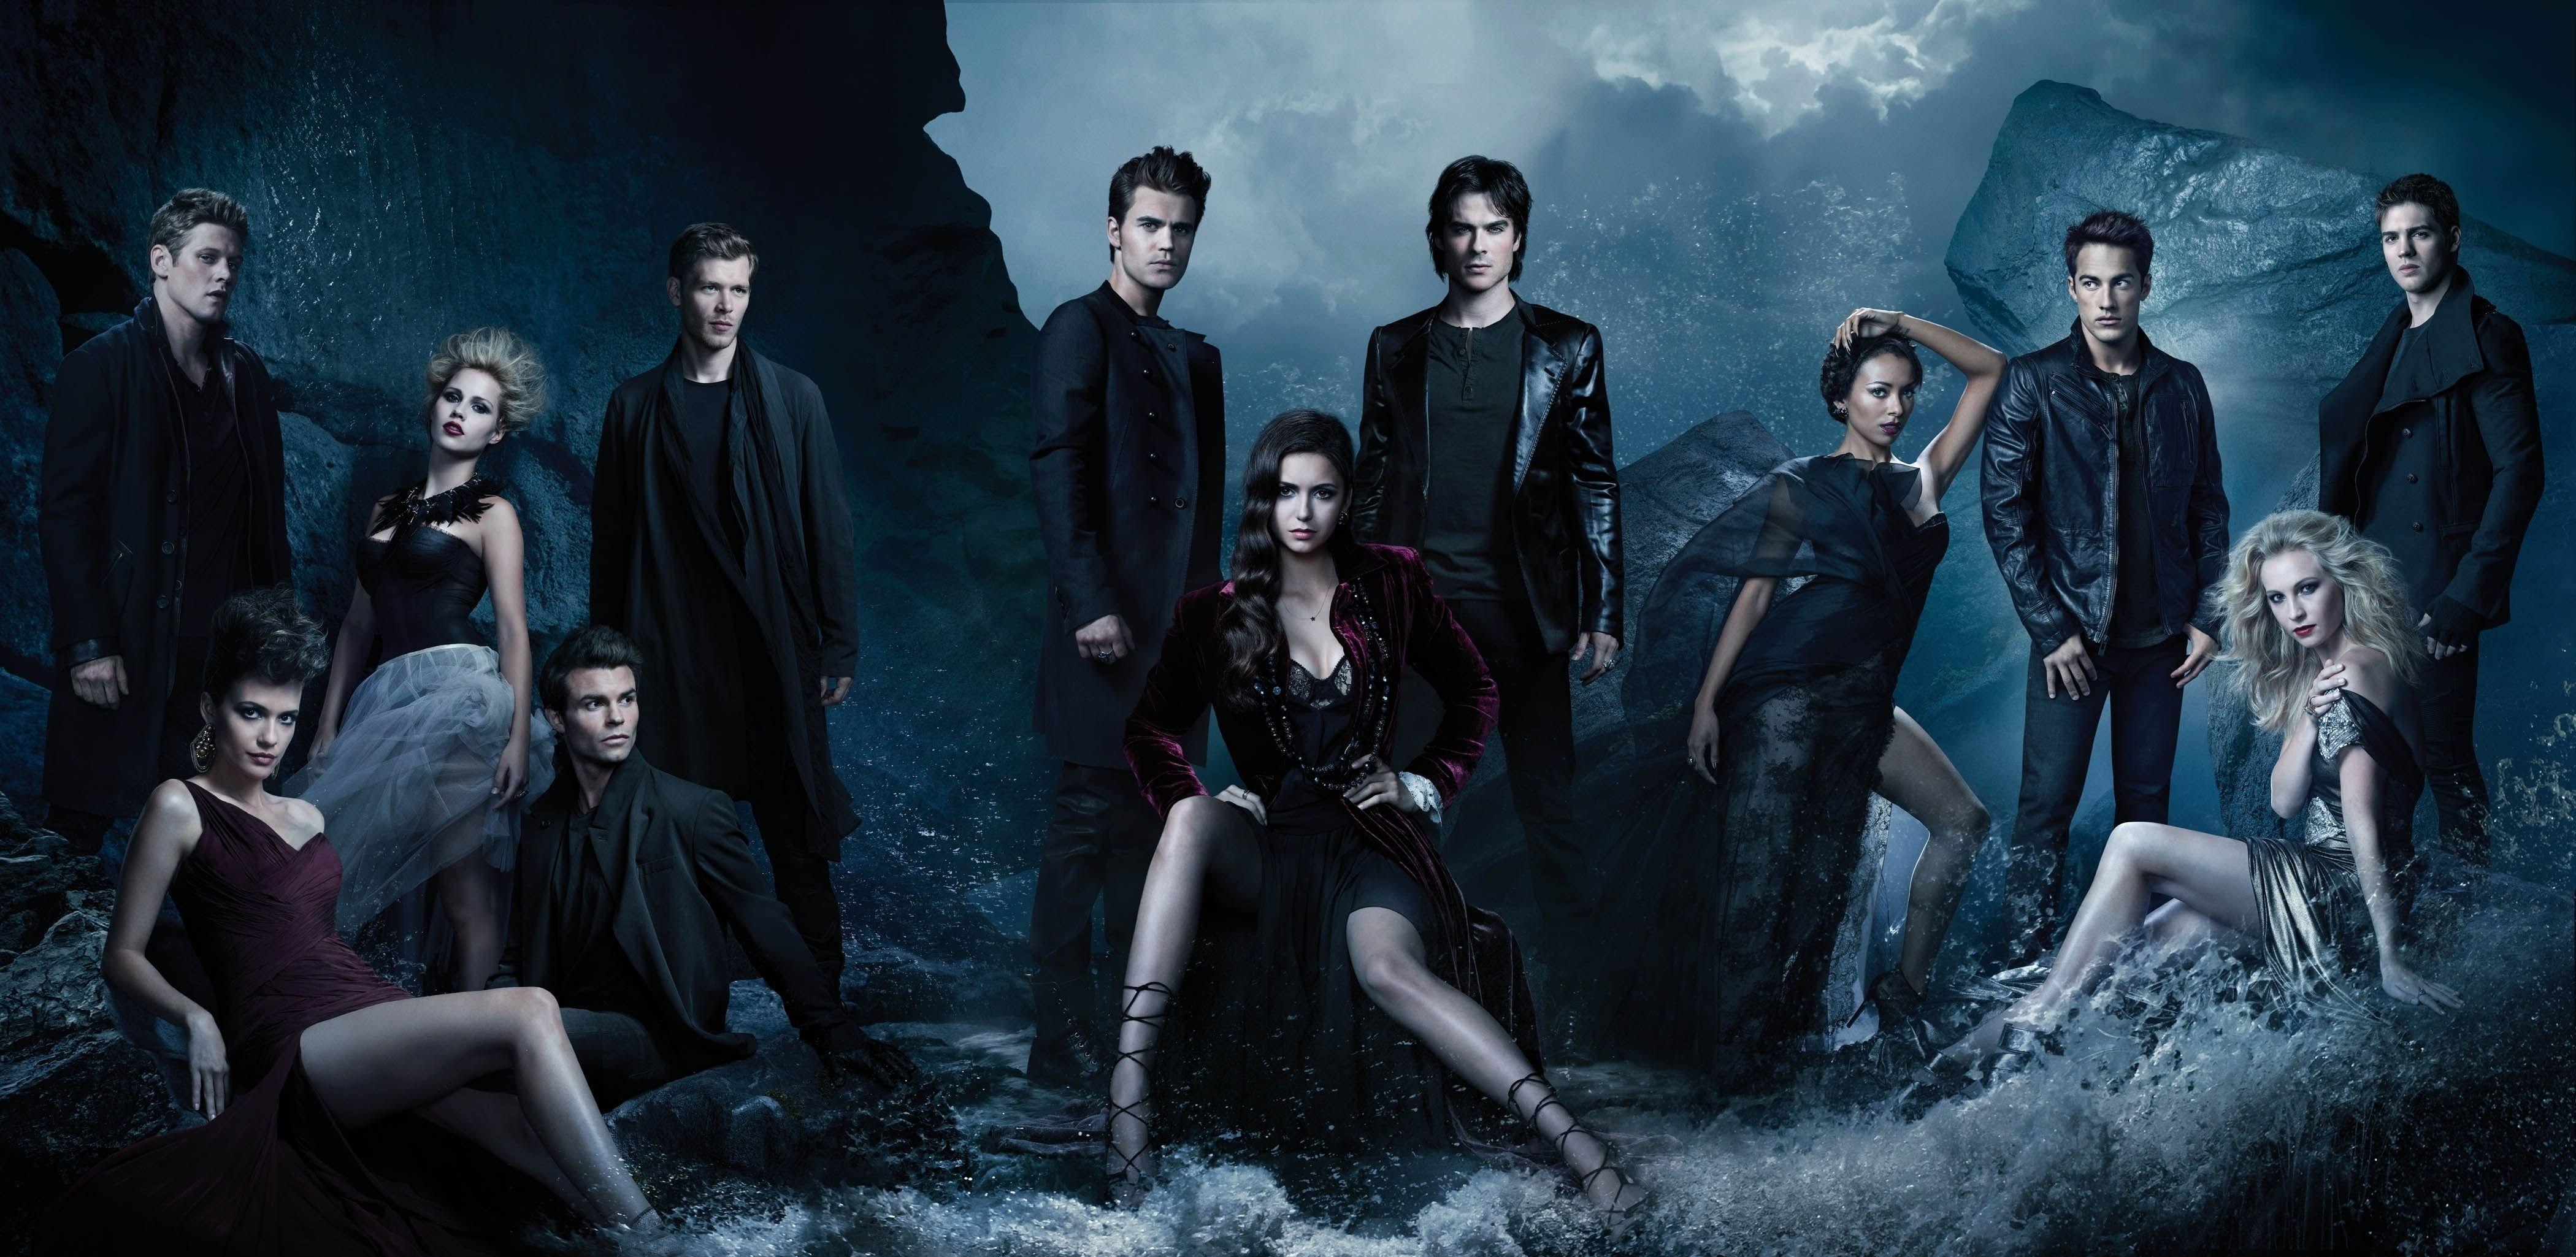 Vampire Diaries Digital Wallpaper The Series Nina Dobrev The Vampire Diaries Elena The Vampi Vampire Diaries Wallpaper Vampire Diaries Seasons Vampire Diaries